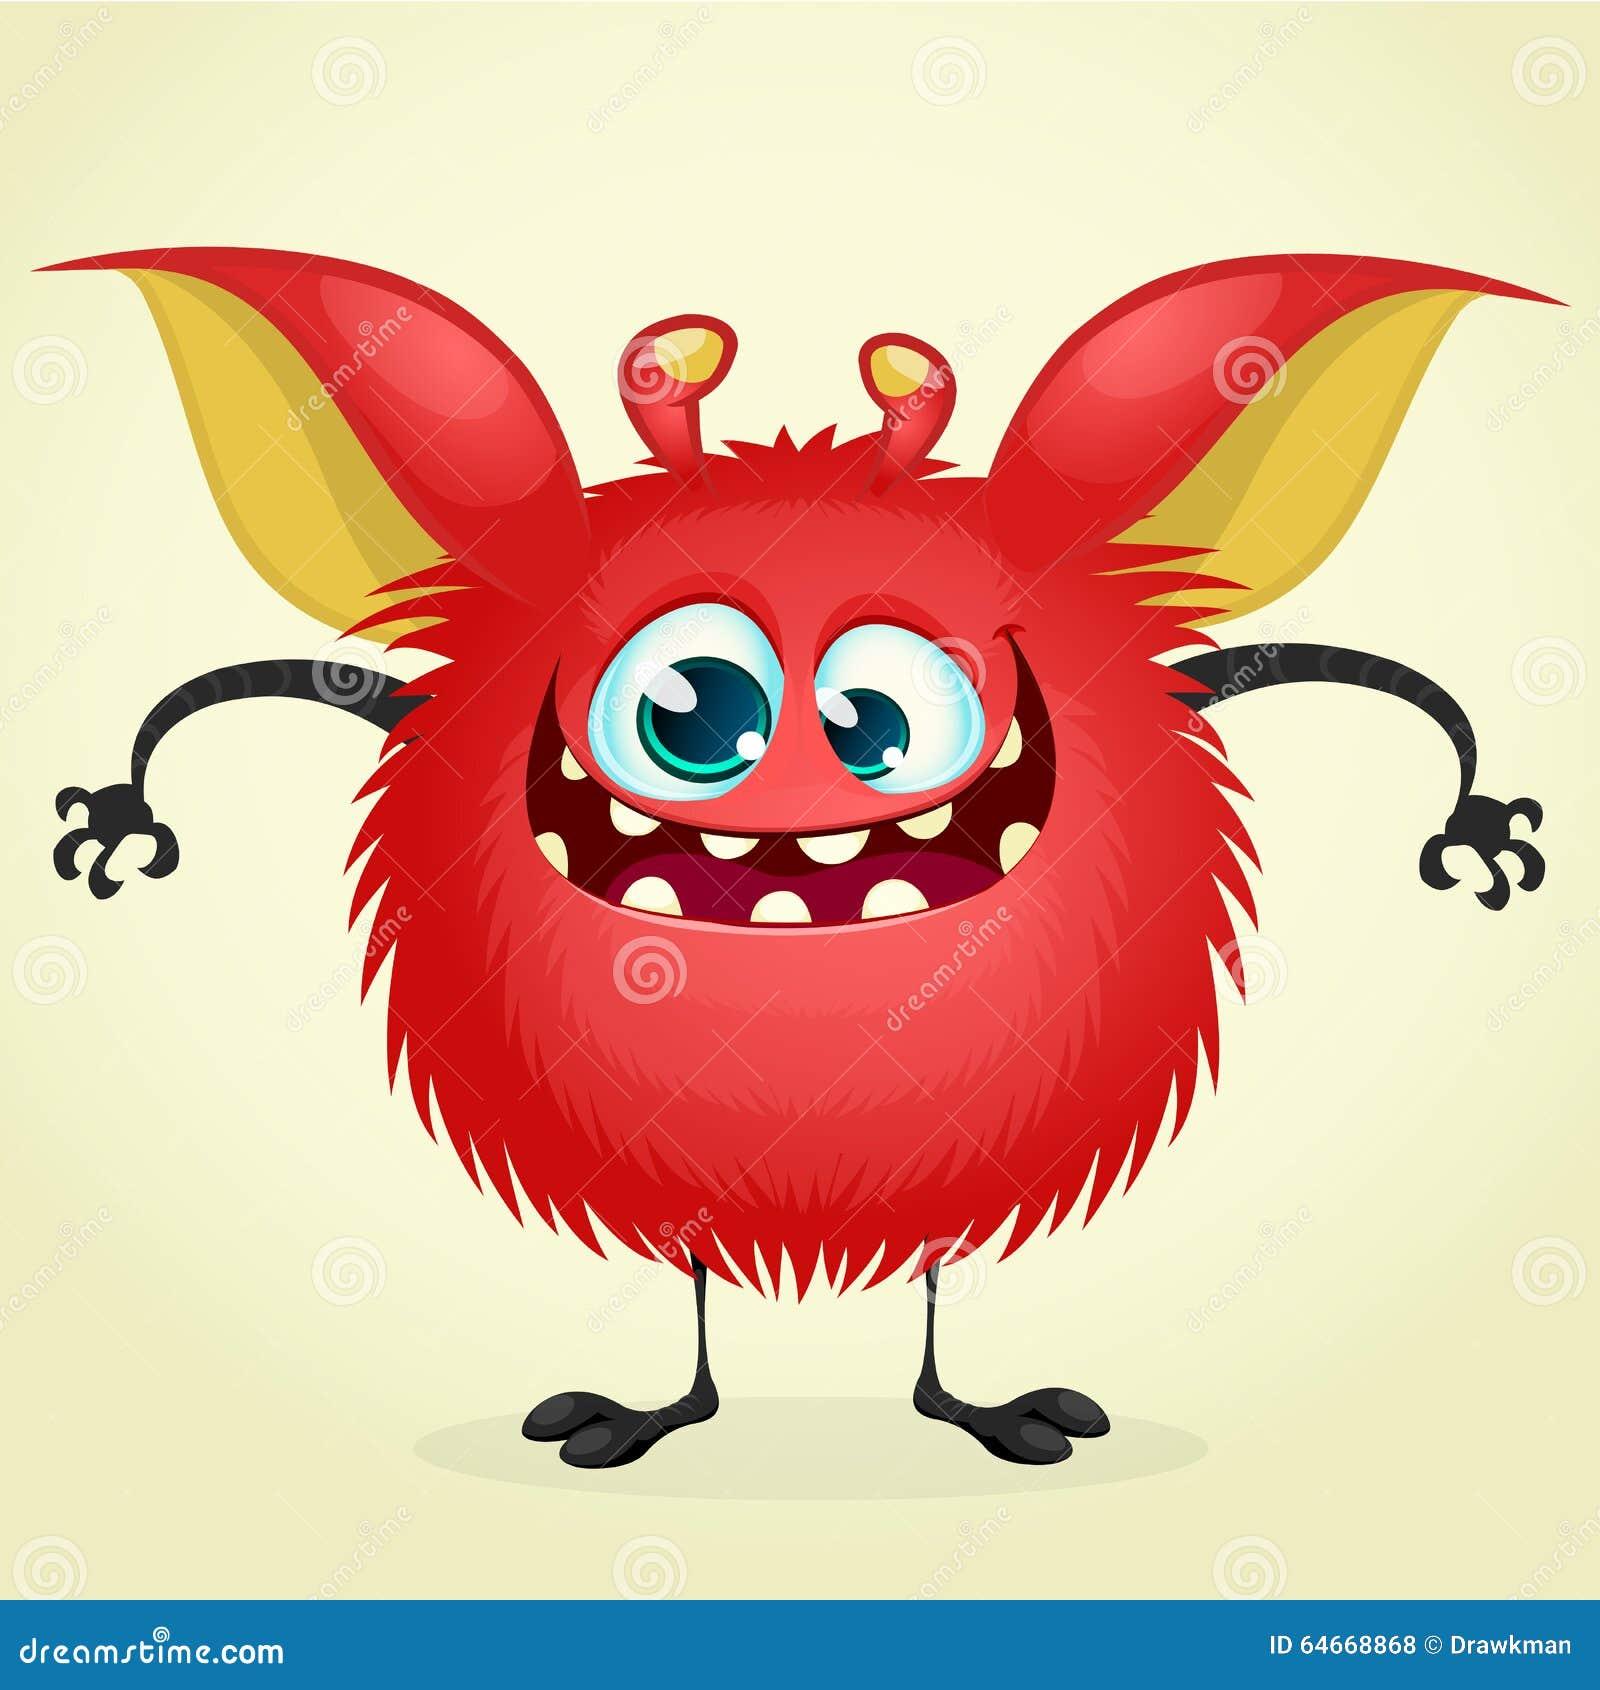 Happy Cartoon Monster Stock Vector - Image: 64668868